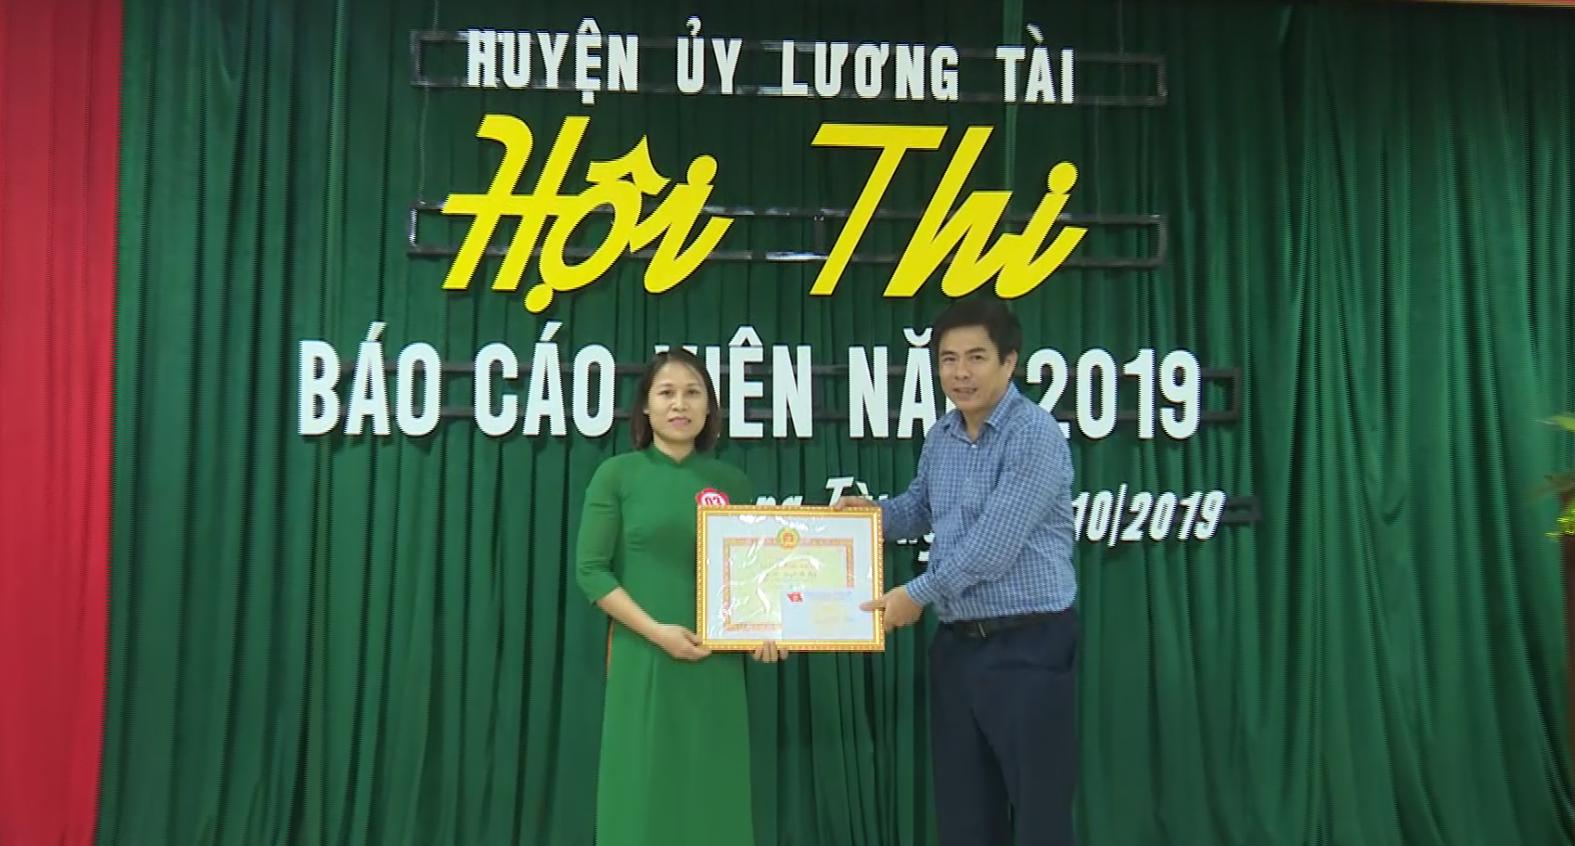 Huyện Lương Tài tổ chức Hội thi Báo cáo viên năm 2019